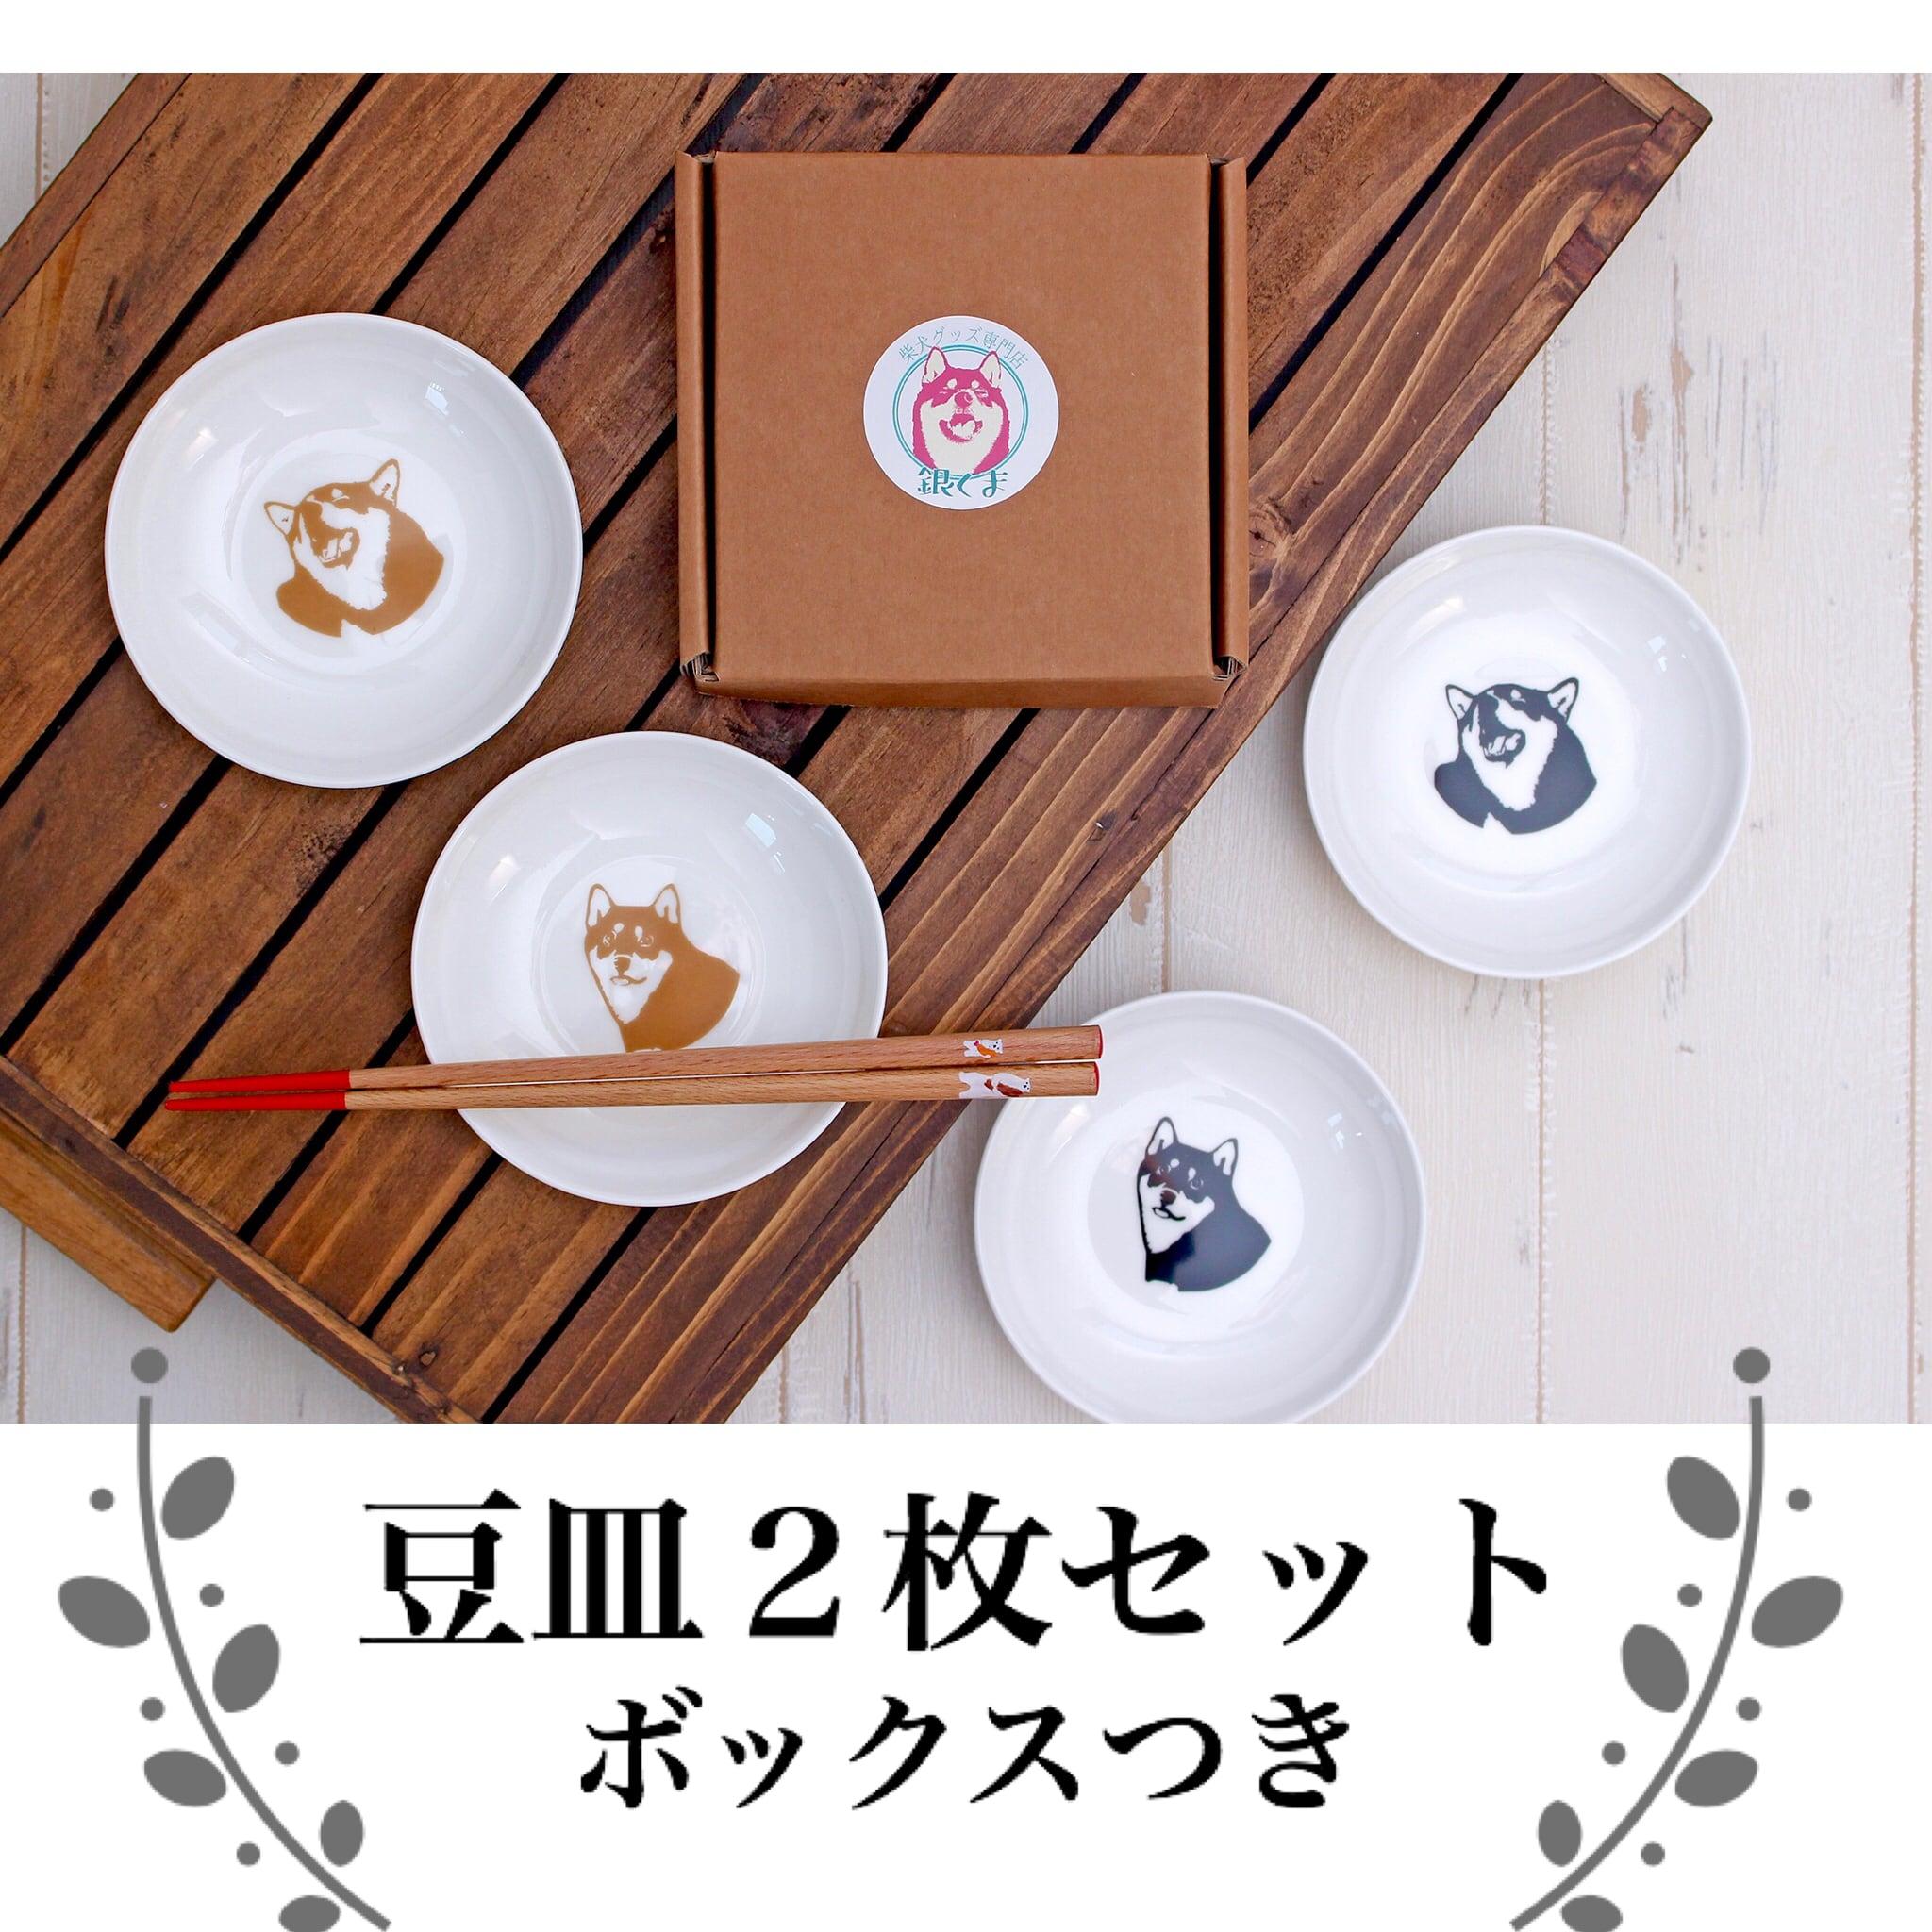 <受注品>復刻!柴犬柄の万能豆皿ギフトセット(2枚組)